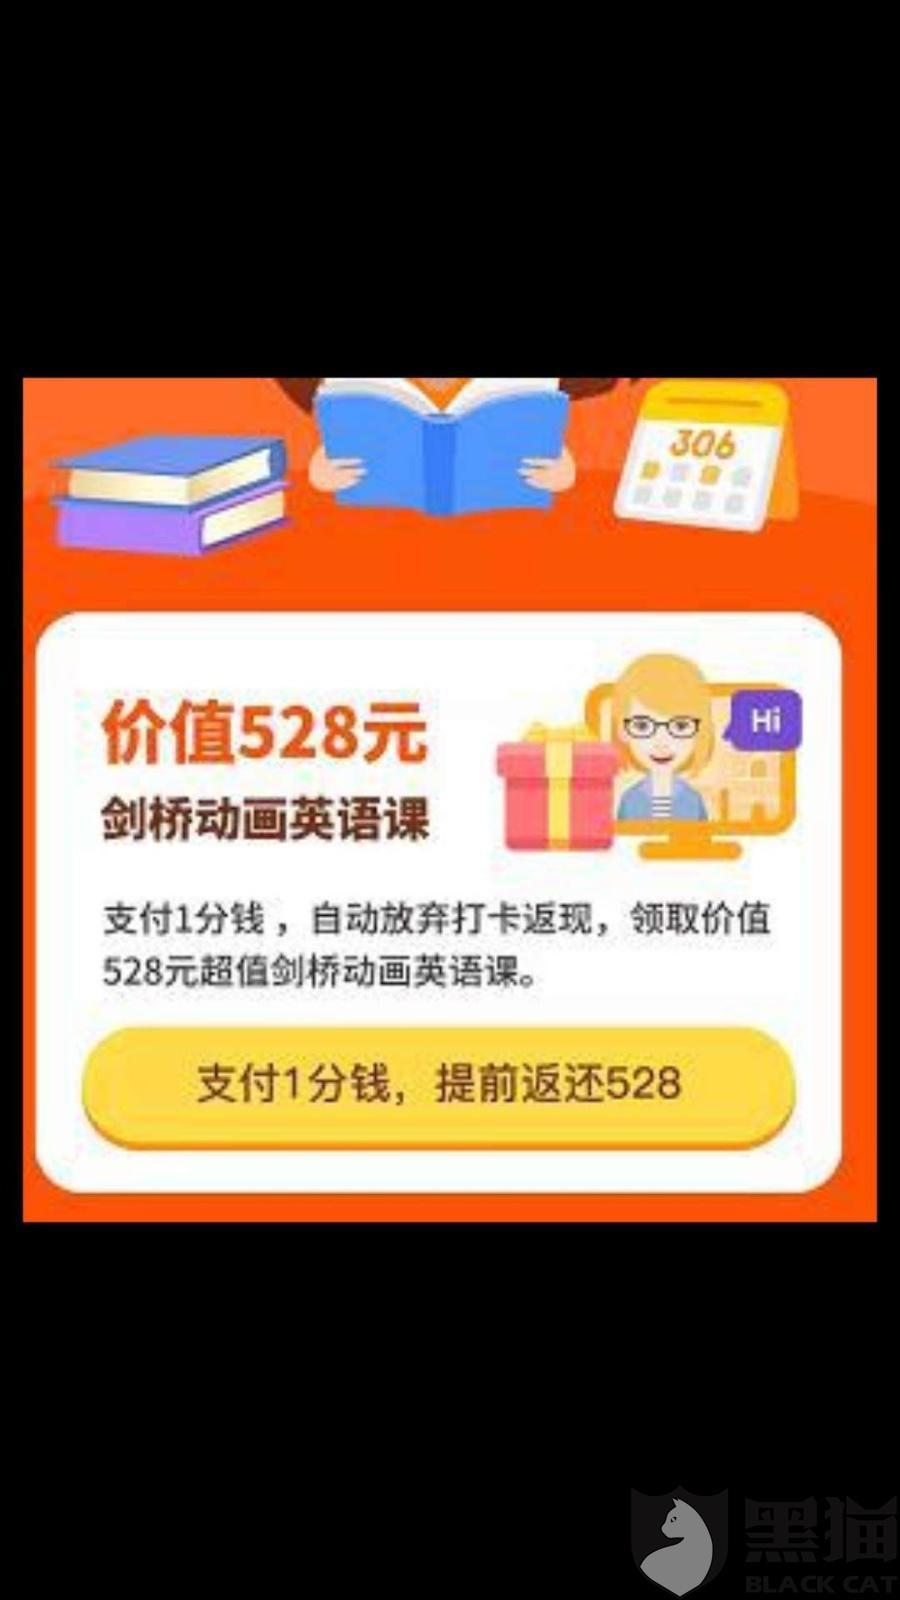 """黑猫投诉:""""杭州凯伯顿科技有限公司"""",要求退款,修改宣传内容,其中涉诉金额358元"""